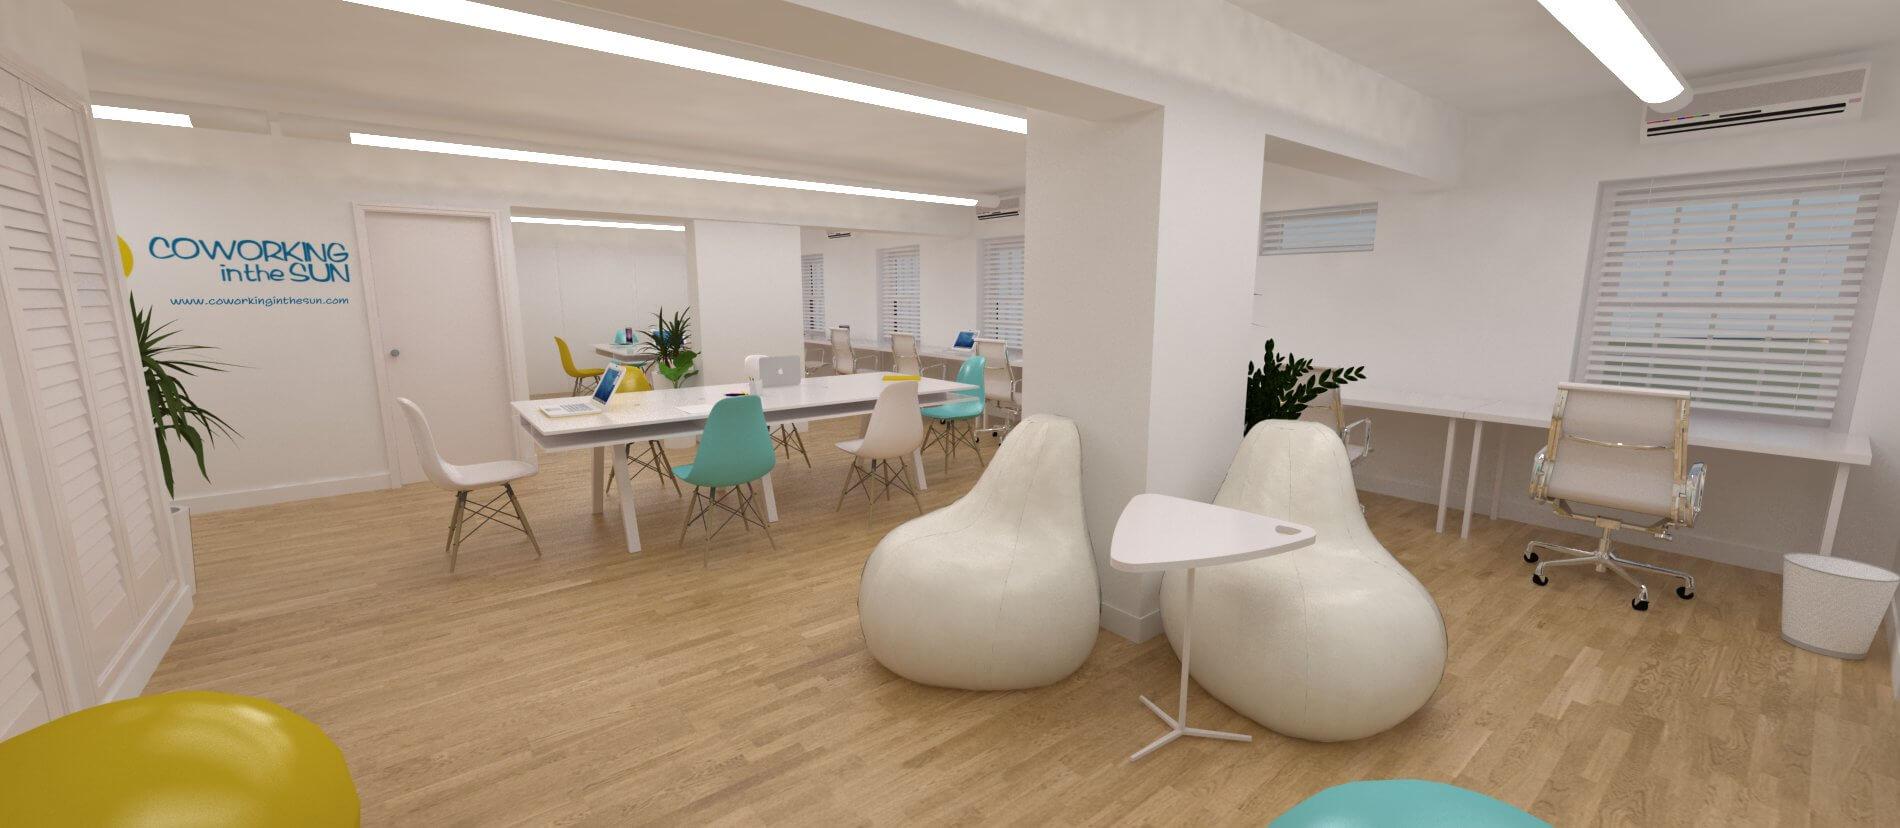 Coworking space adeje 3 cuadrados estudio - Diseno tenerife ...